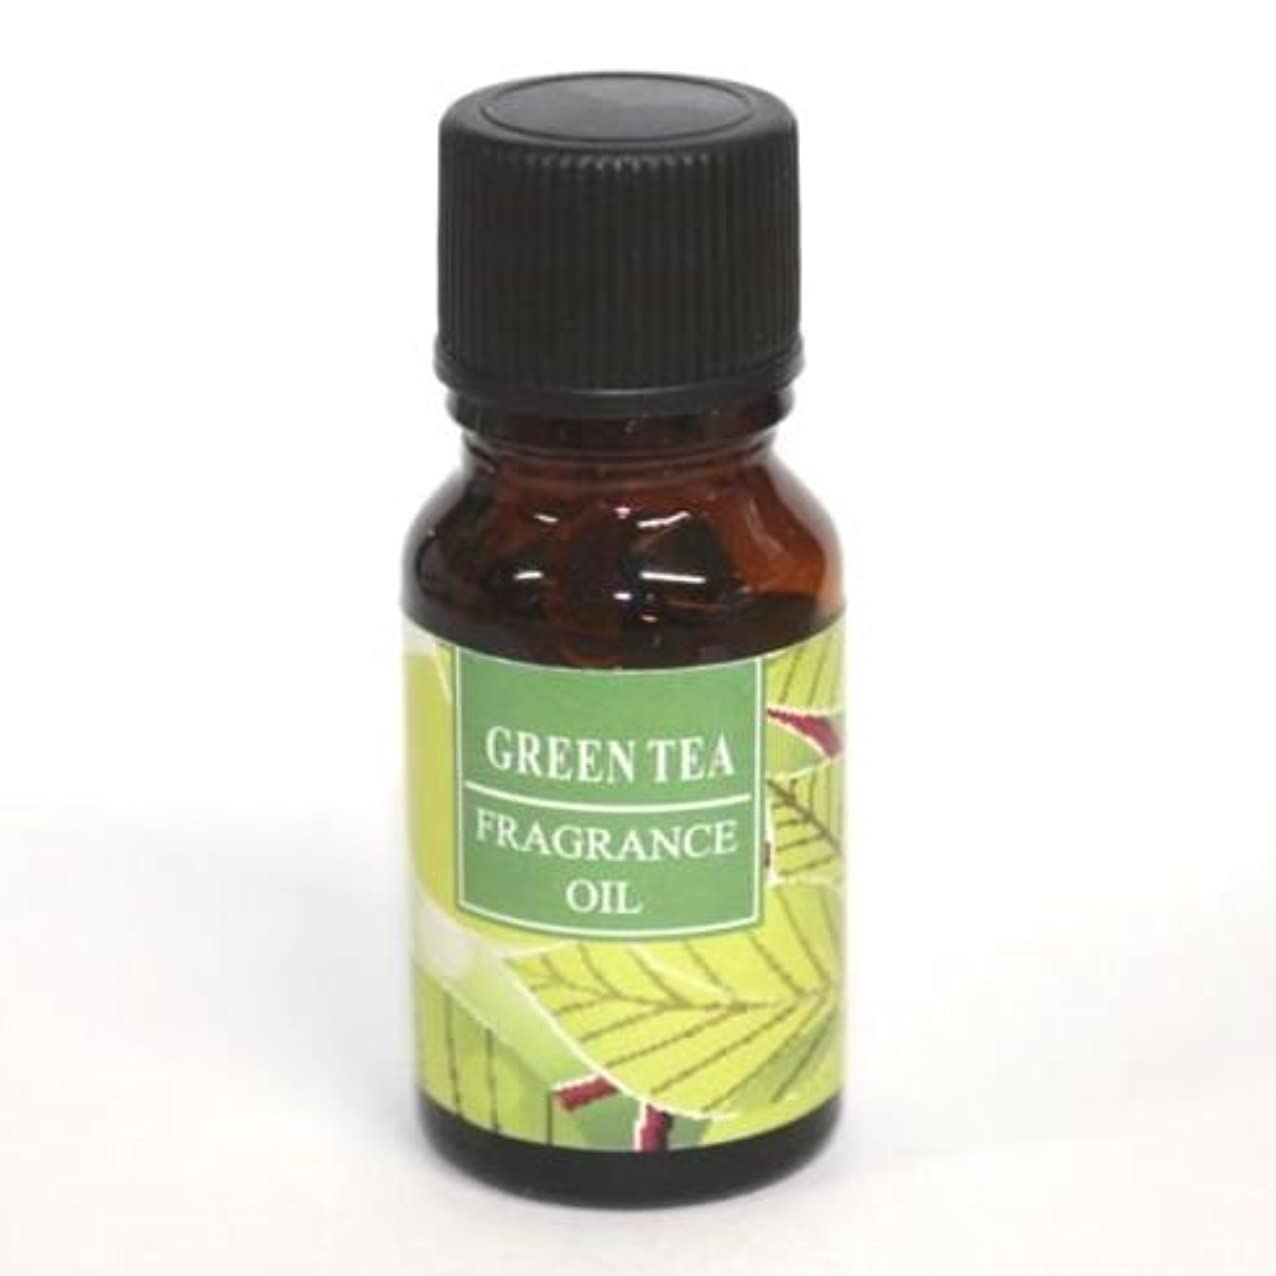 荒野表示ダイヤモンドRELAXING アロマオイル AROMA OIL フレグランスオイル GREEN TEA 緑茶の香り RQ-09